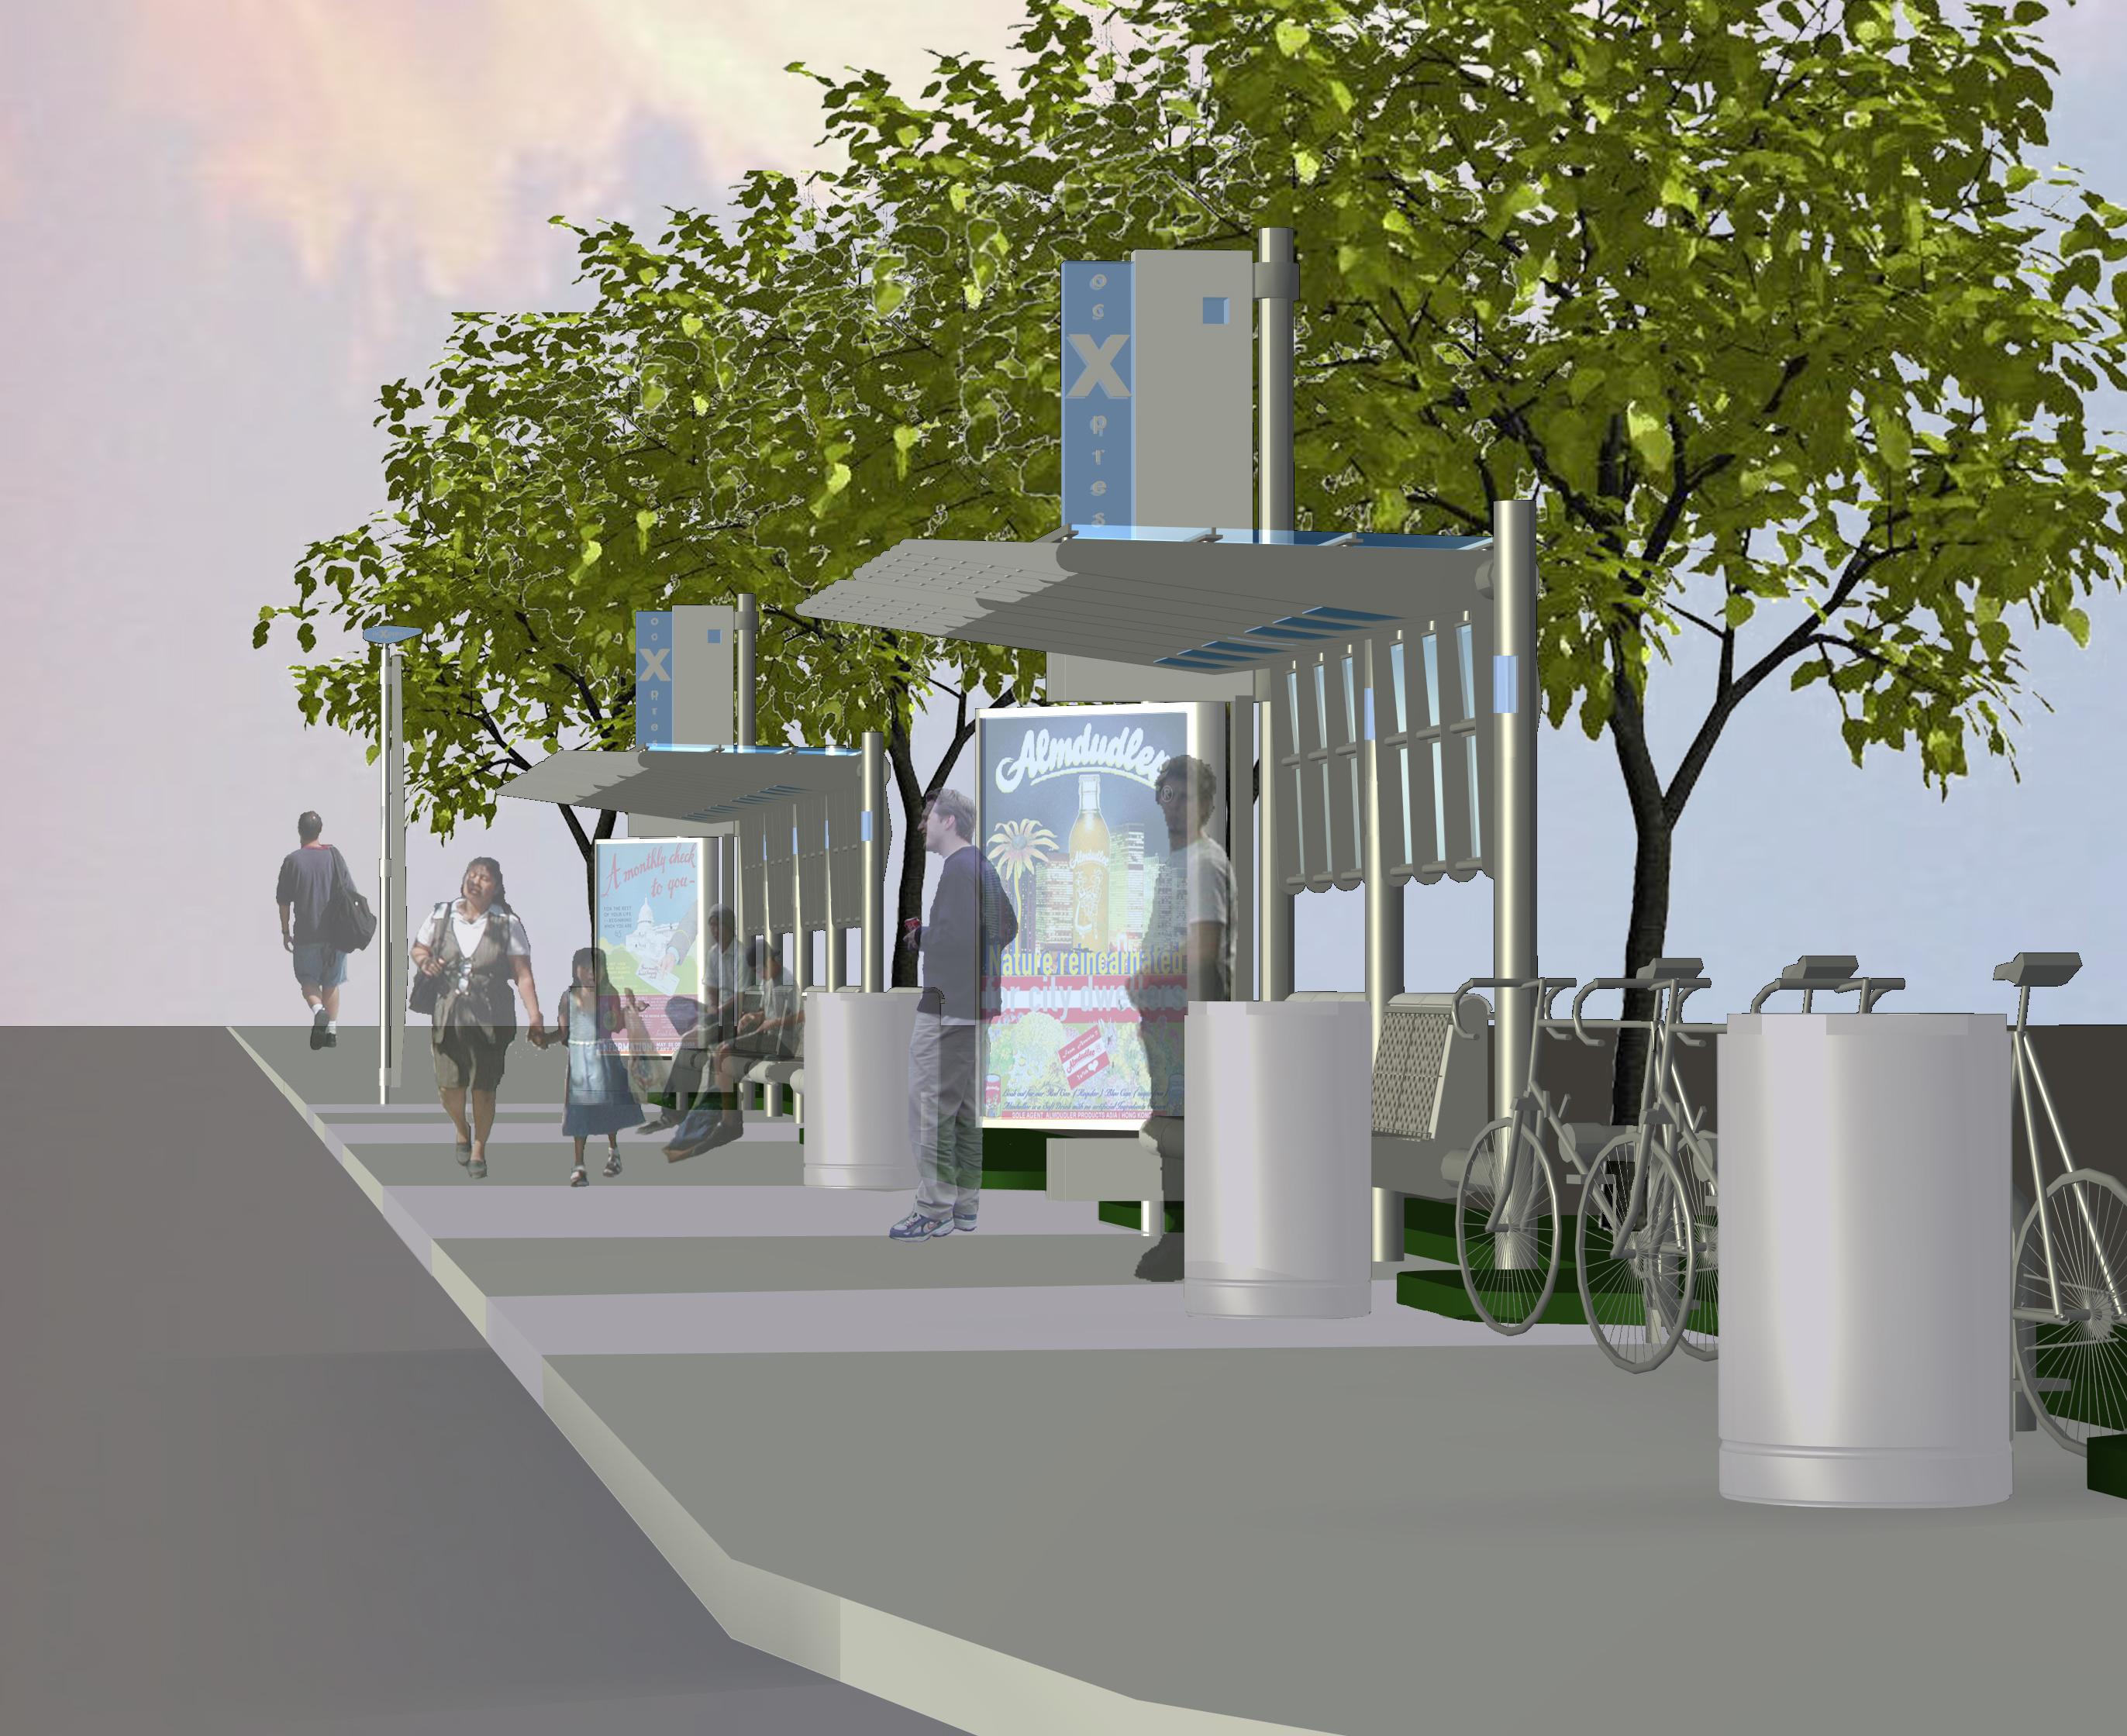 OCTA Transit Center 2